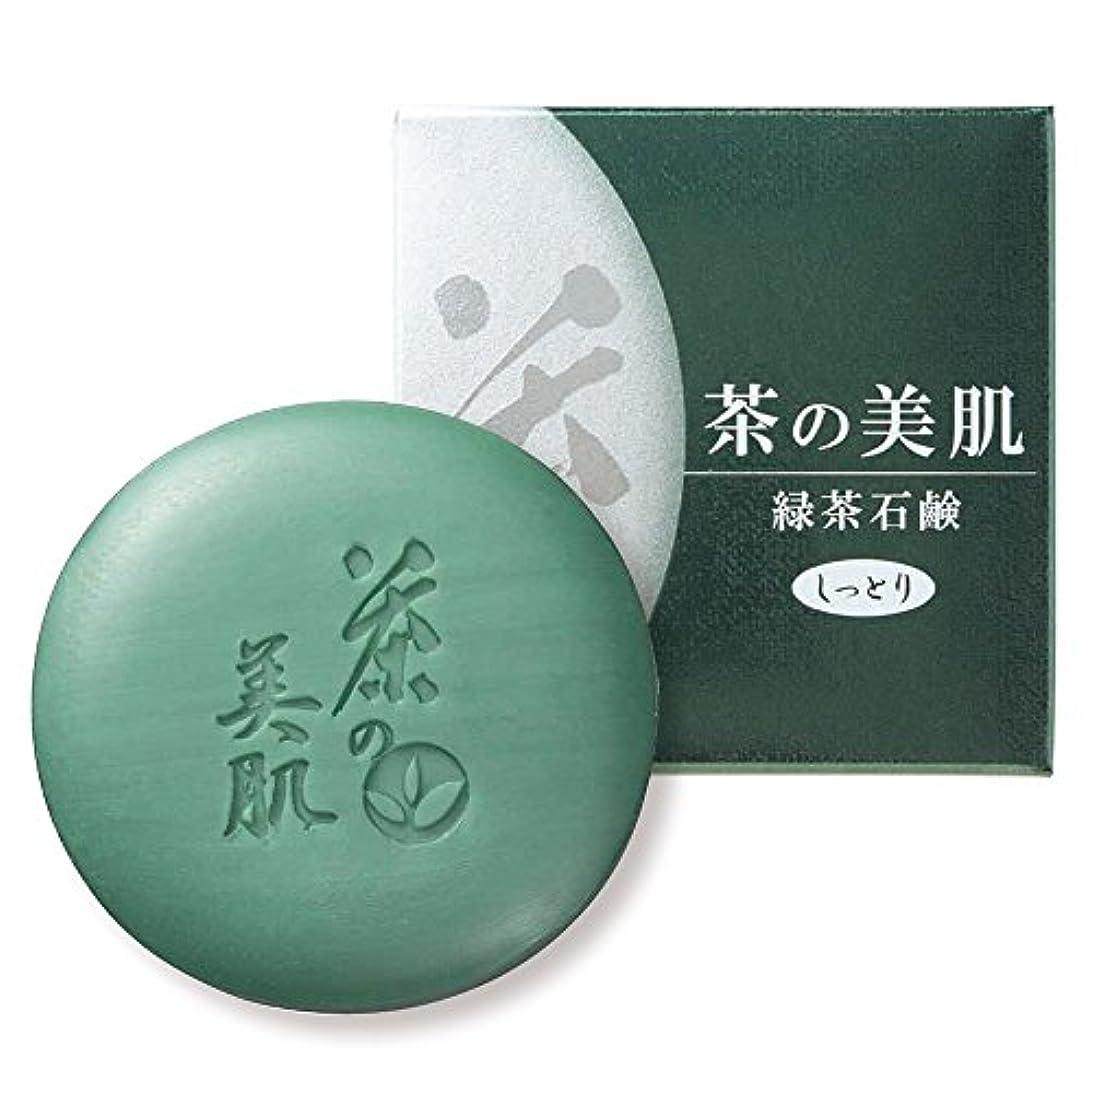 モンキー同行貨物お茶村 洗顔 茶の美肌 緑茶 石鹸 65g